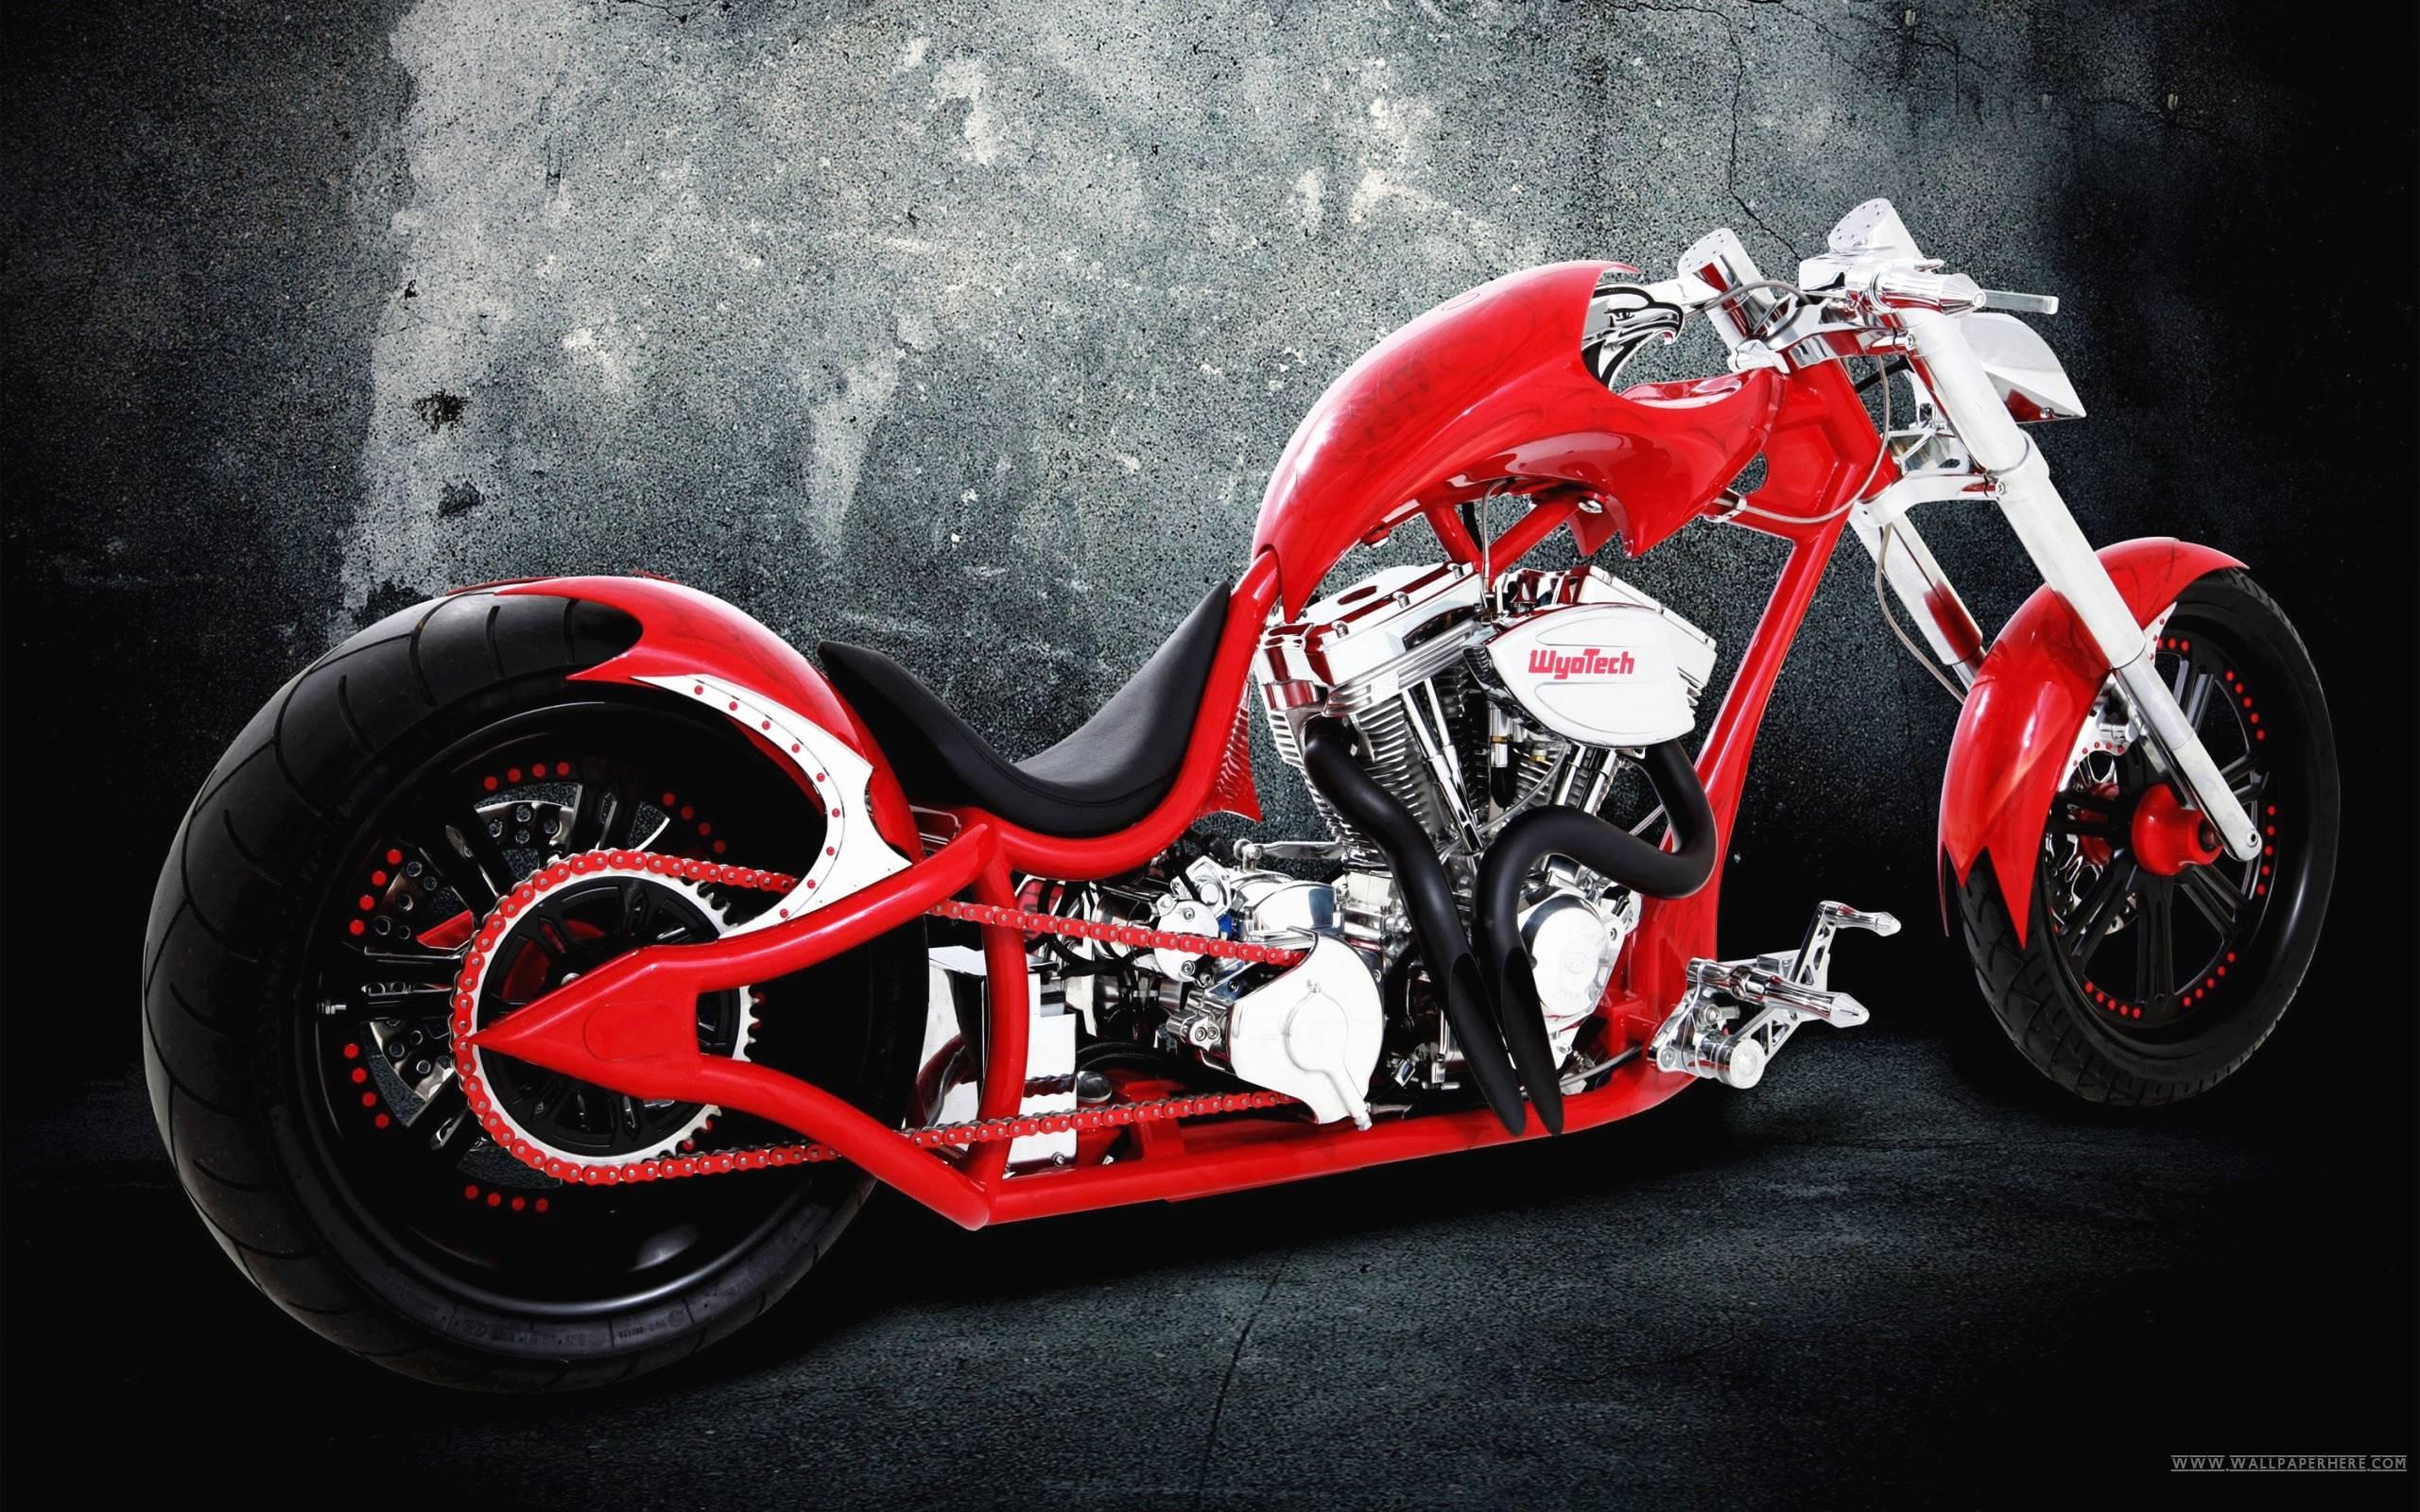 Sport Bike Wallpaper Desktop Backgrounds: Motorcycle Desktop Wallpapers